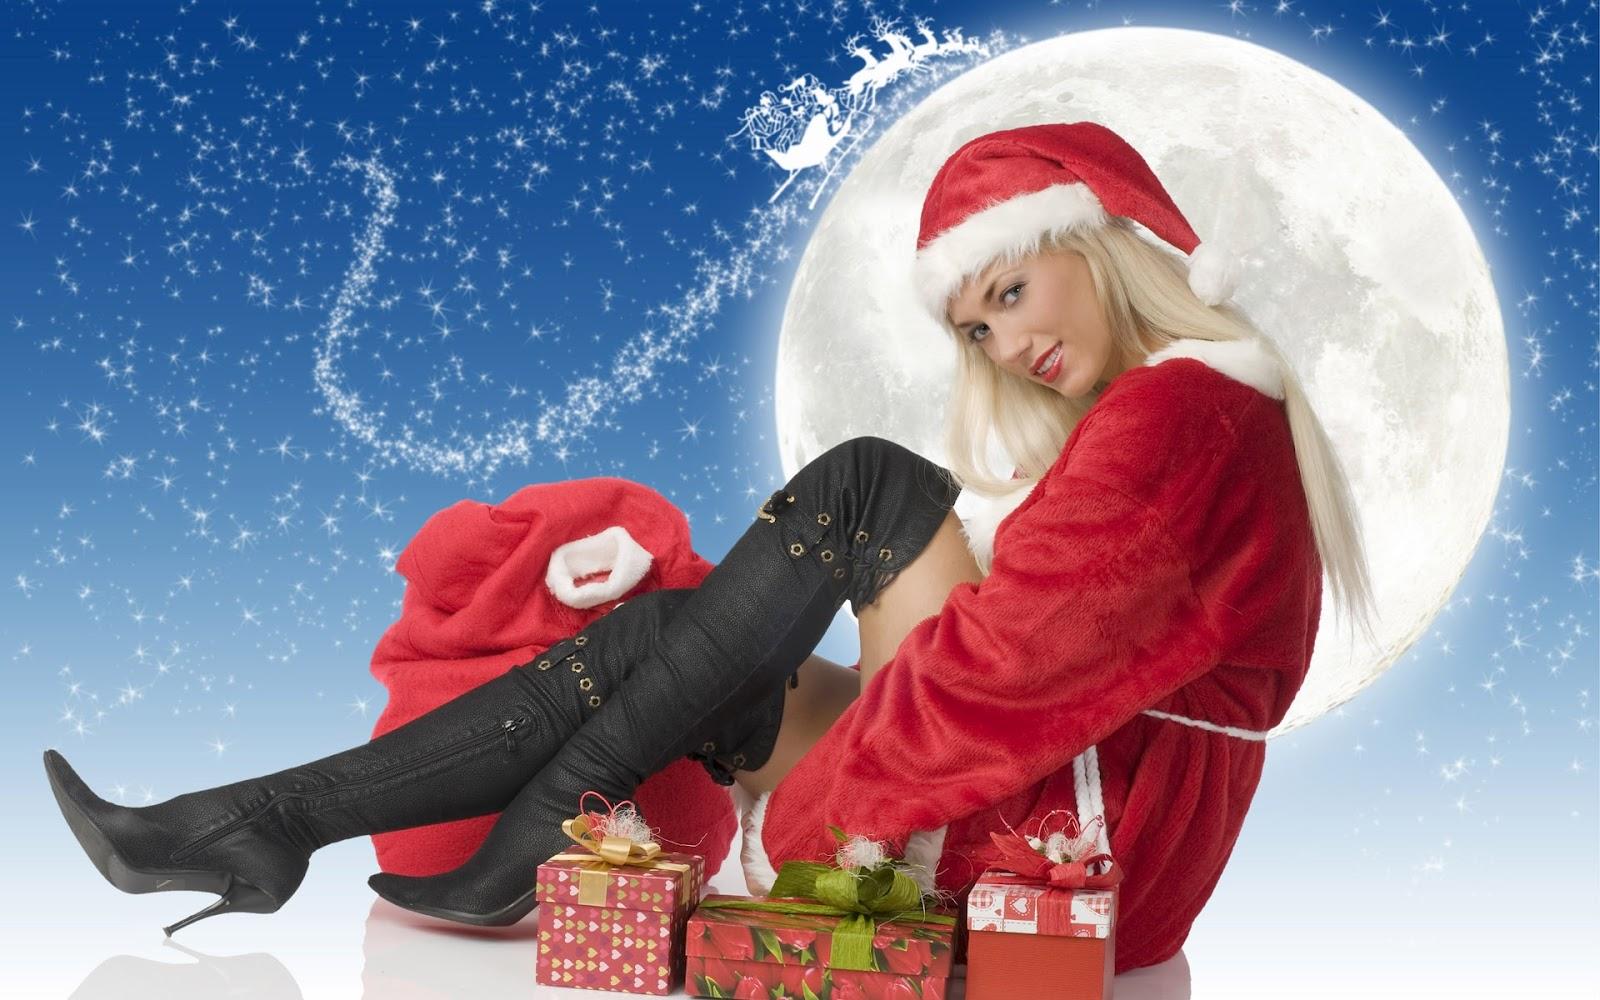 http://1.bp.blogspot.com/-v5HBkDiM1ZE/UBvtKu1G9nI/AAAAAAAAJu8/eUV2nBGUjgk/s1600/christmas-as-long-boots.jpg